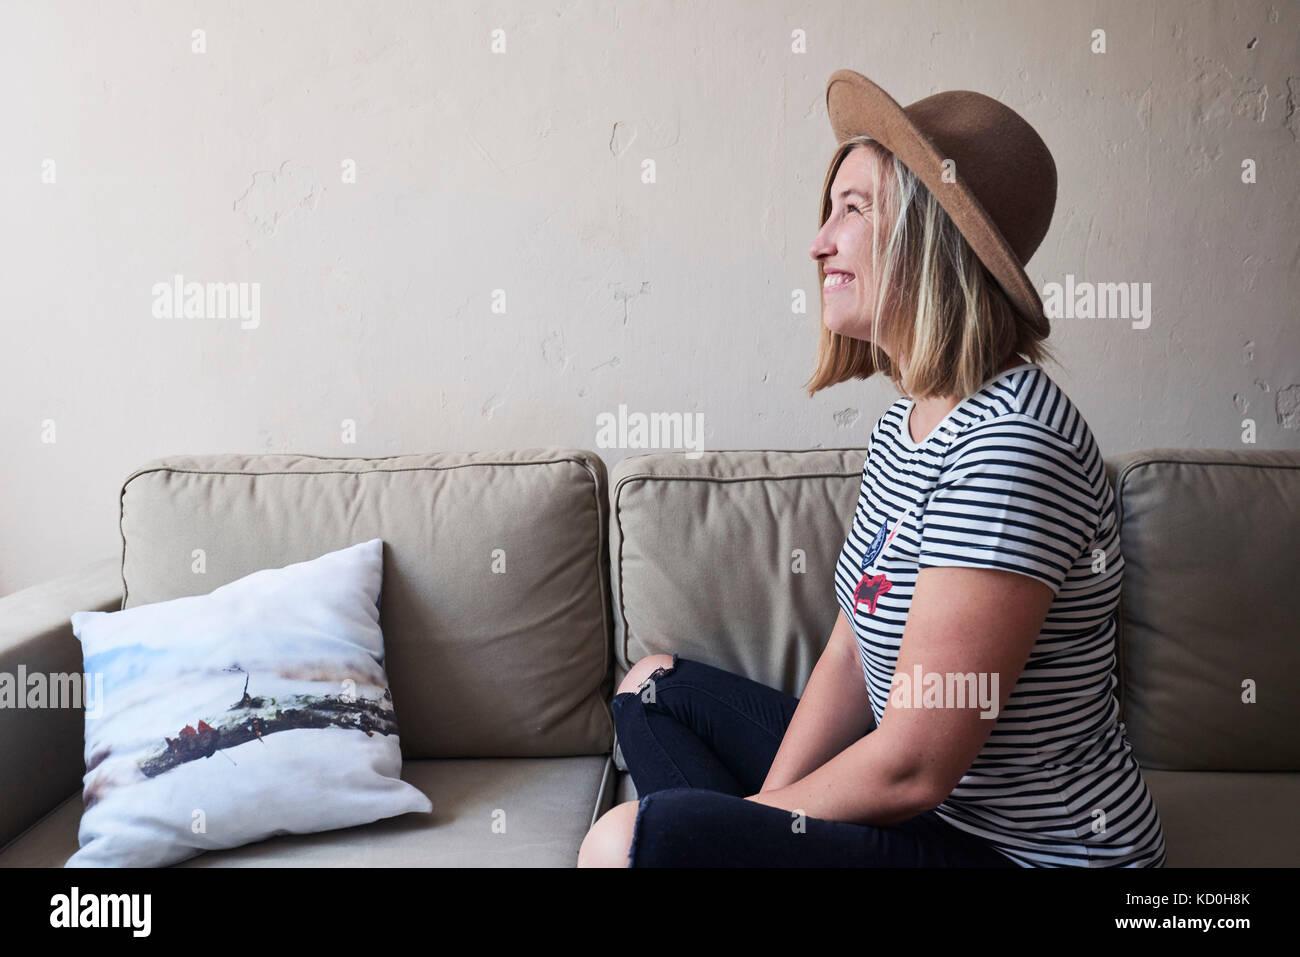 Femme assise sur un canapé, smiling, portrait Photo Stock